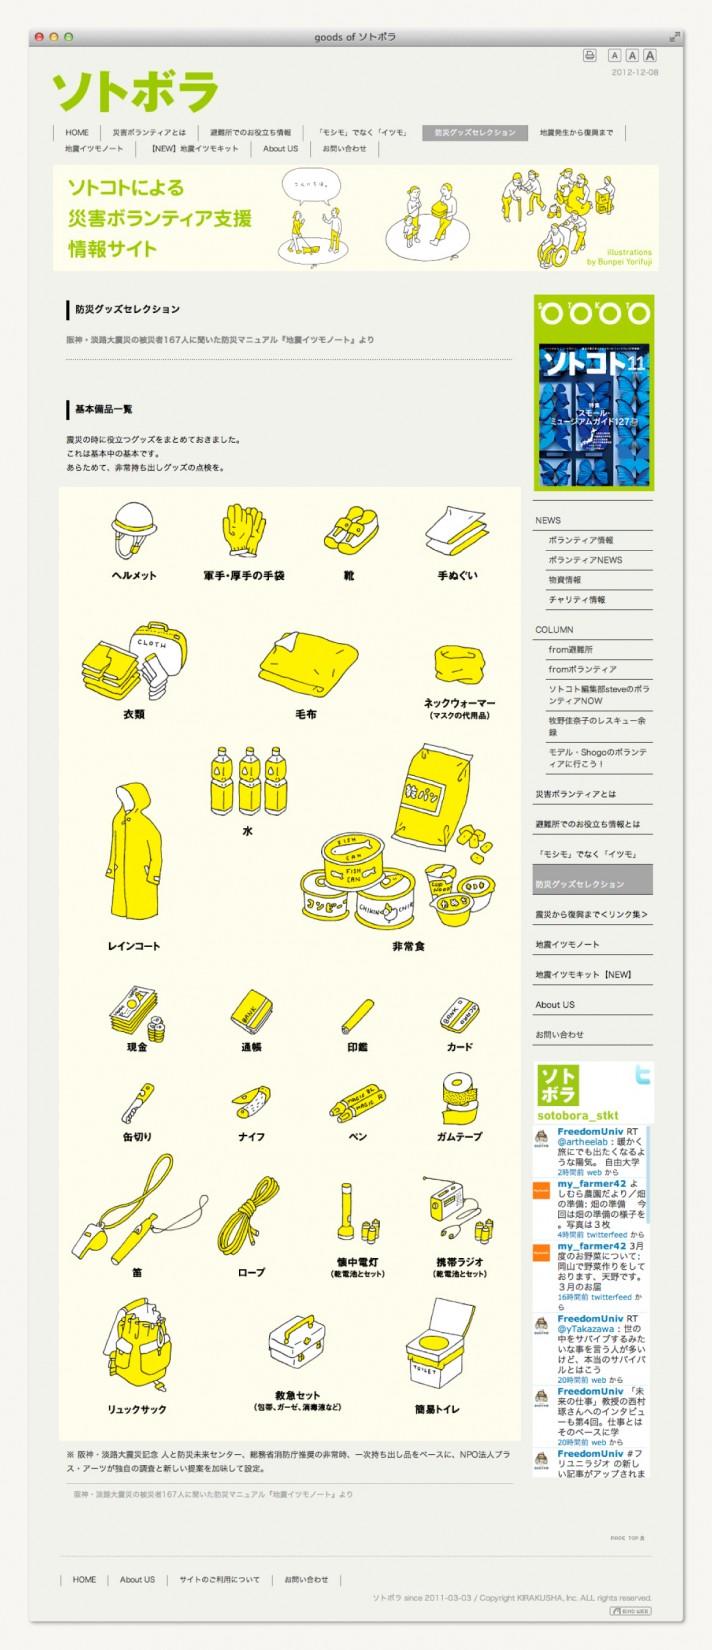 ソトボラ(ソトコトボランティア)ウェブサイト〈ウェブデザイン ロゴデザイン〉